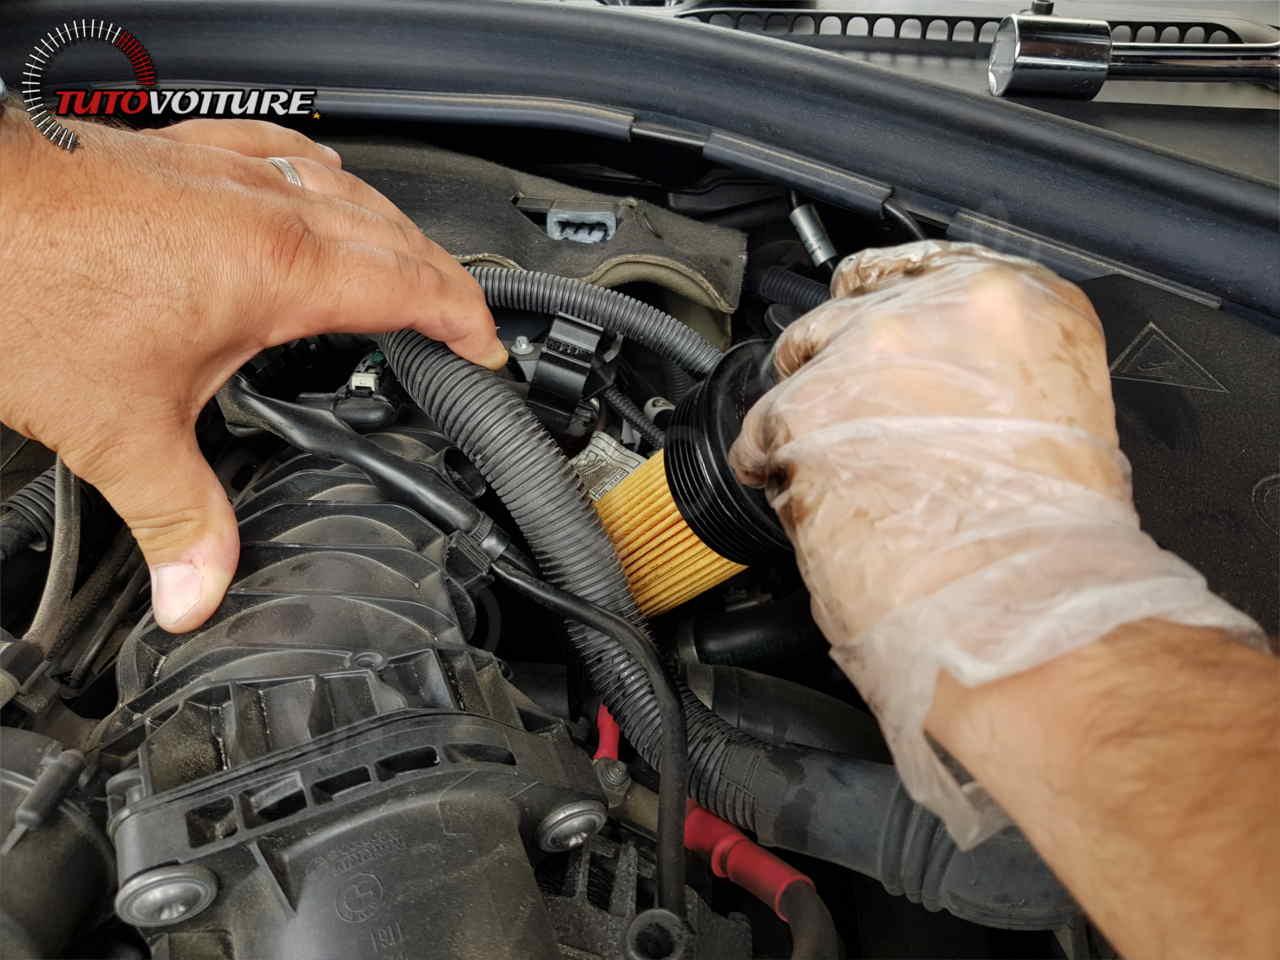 Changer le filtre à huile BMW F30